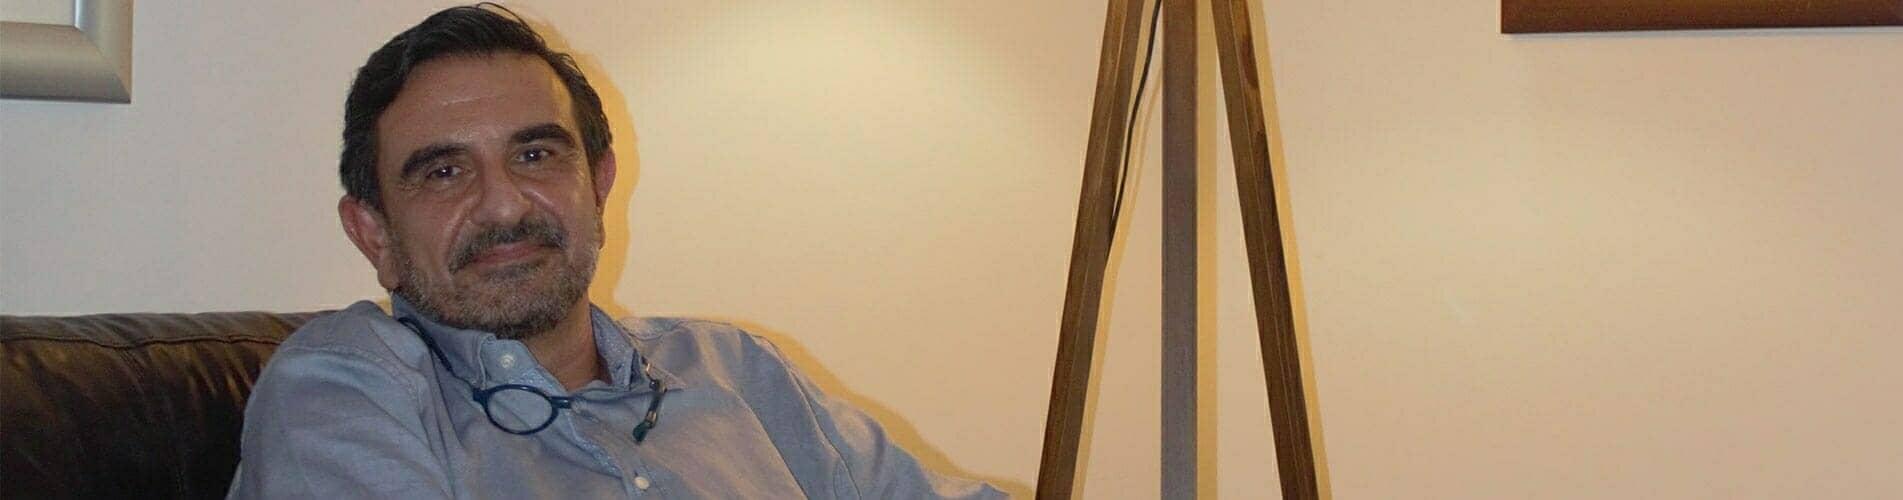 slider-dr-safak-onbasioglu